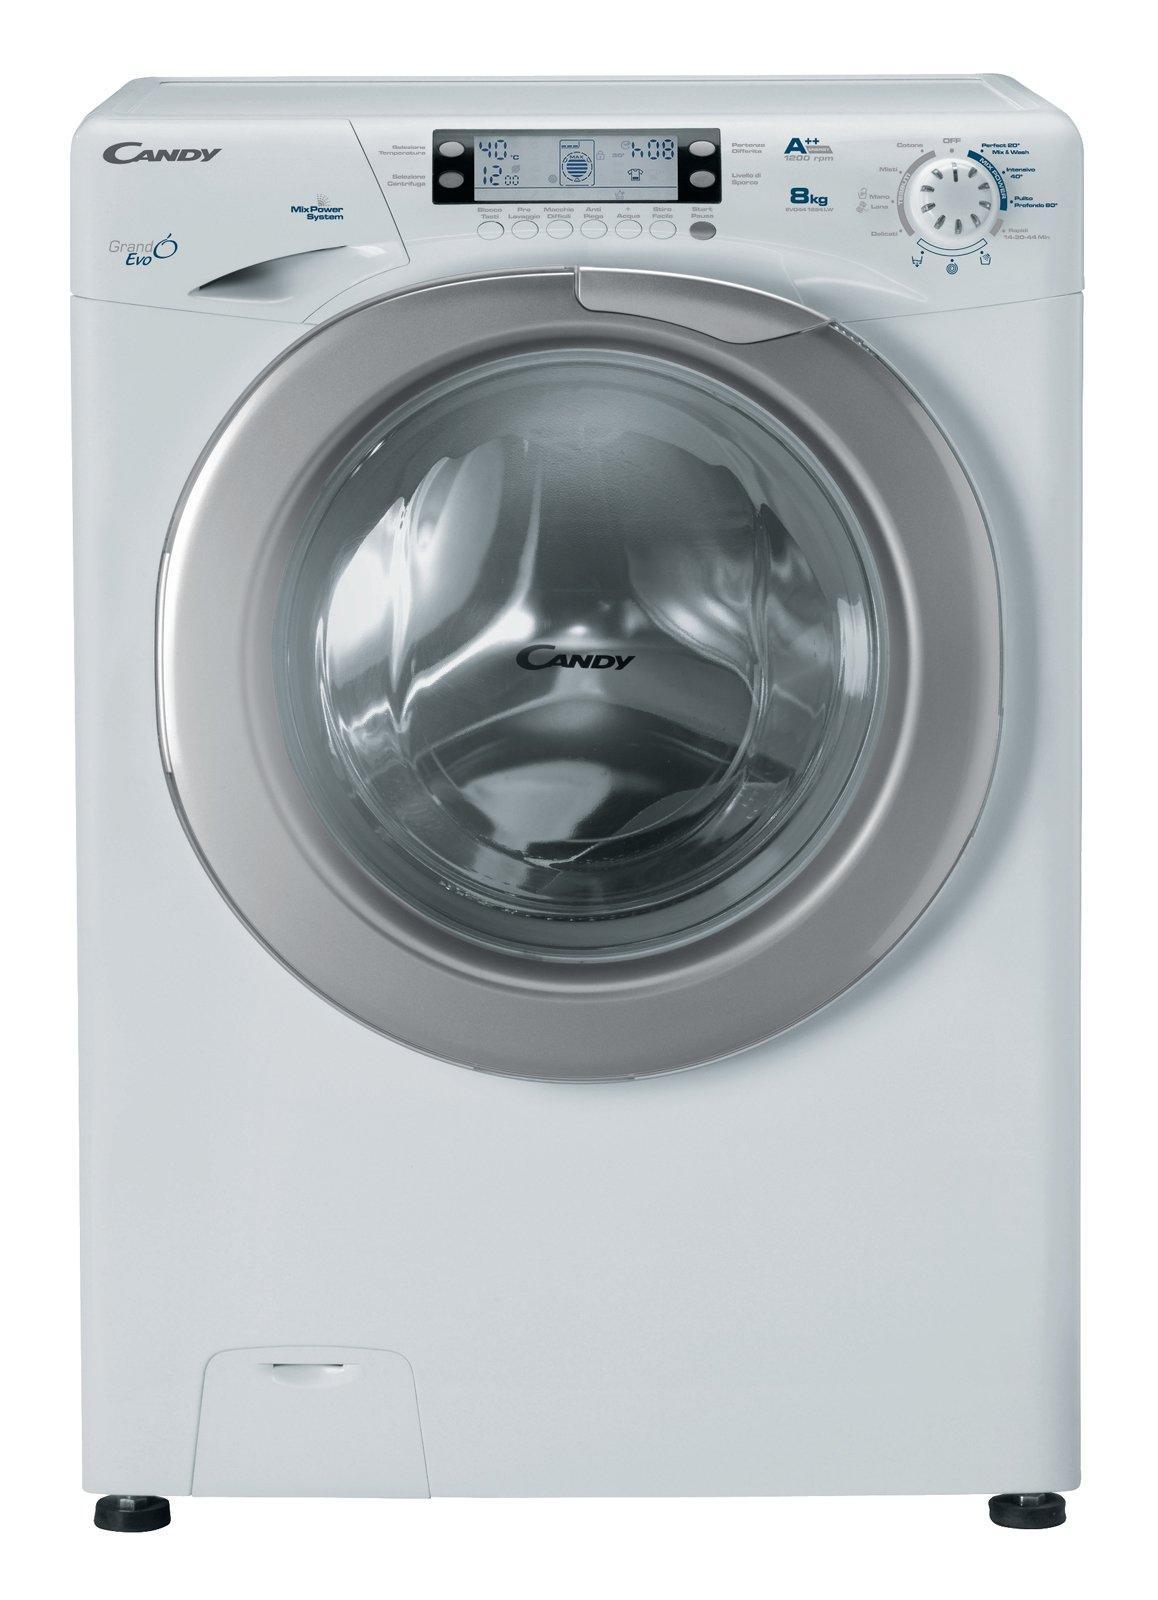 lavatrici il modello giusto per ogni esigenza cose di casa. Black Bedroom Furniture Sets. Home Design Ideas